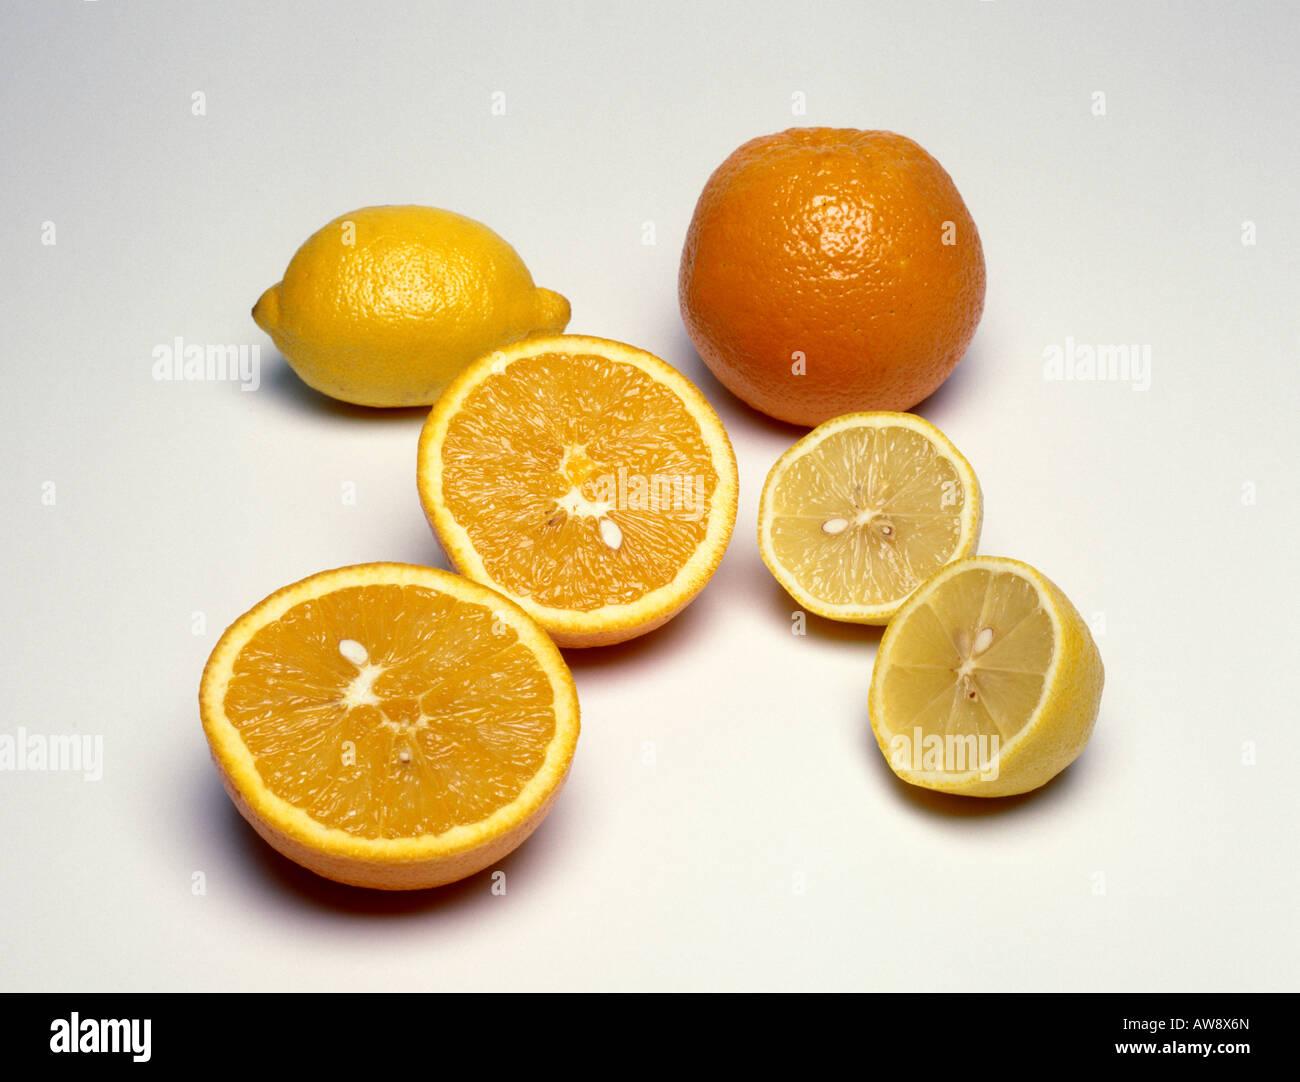 Toute une orange et un citron entier à côté d'un citron coupé en deux et une orange coupée Photo Stock